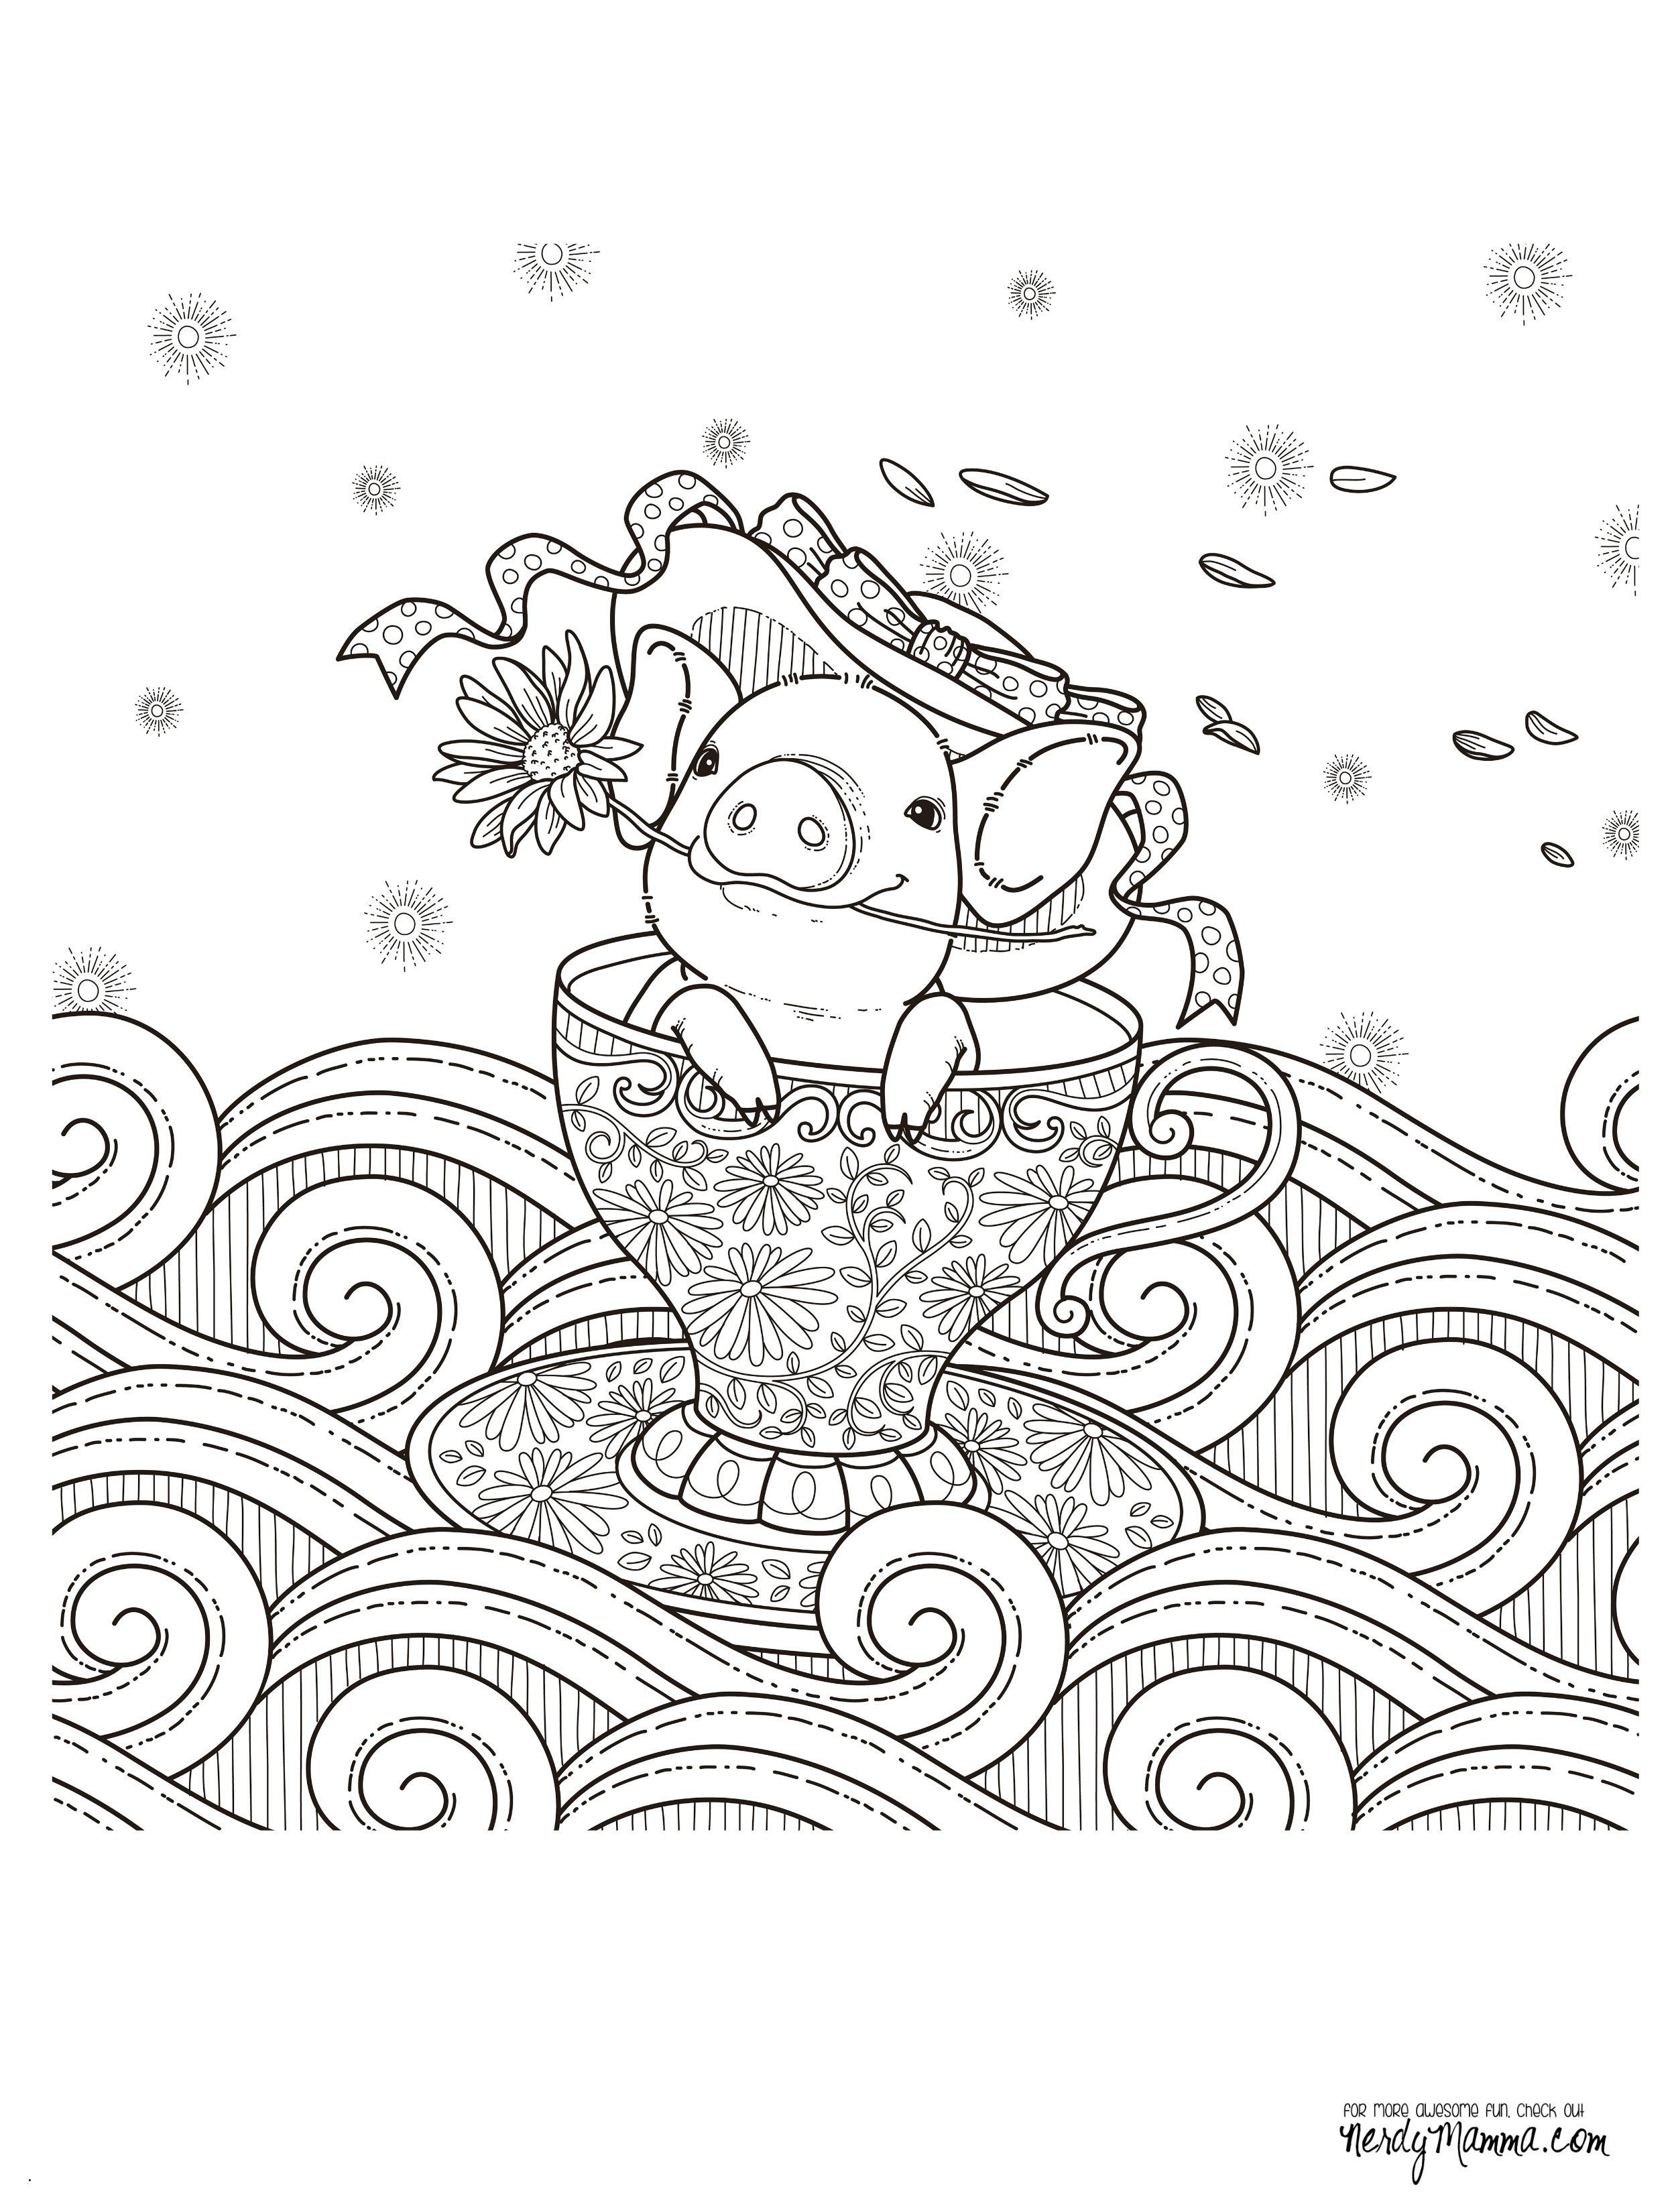 Mandala Zum Ausdrucken Erwachsene Das Beste Von 36 Entwurf Ausmalbilder Mandala Pferde Treehouse Nyc Sammlung